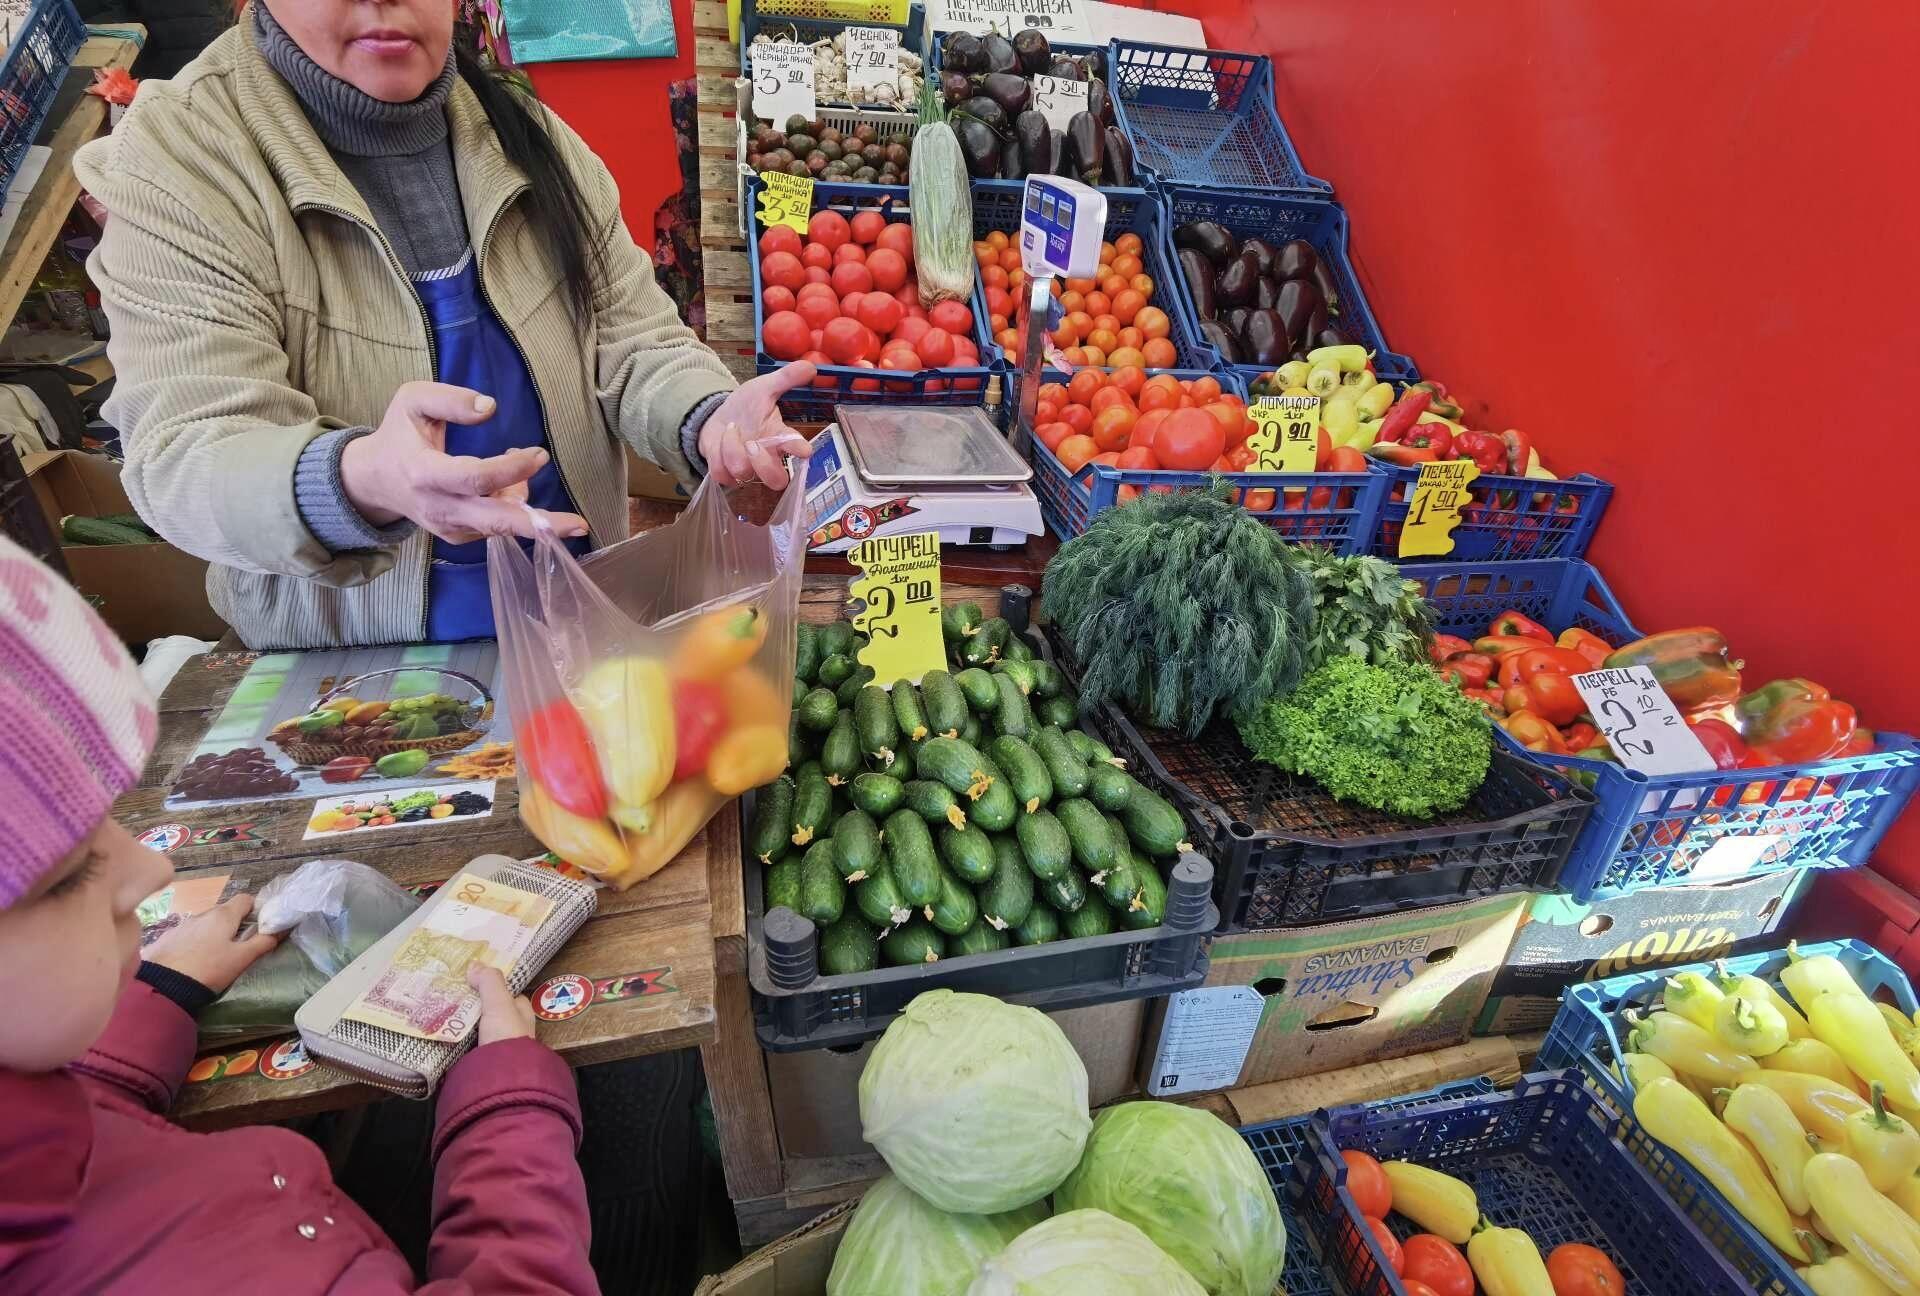 Экономить на овощах и фруктах нельзя - детям нужны витамины - Sputnik Беларусь, 1920, 10.10.2021